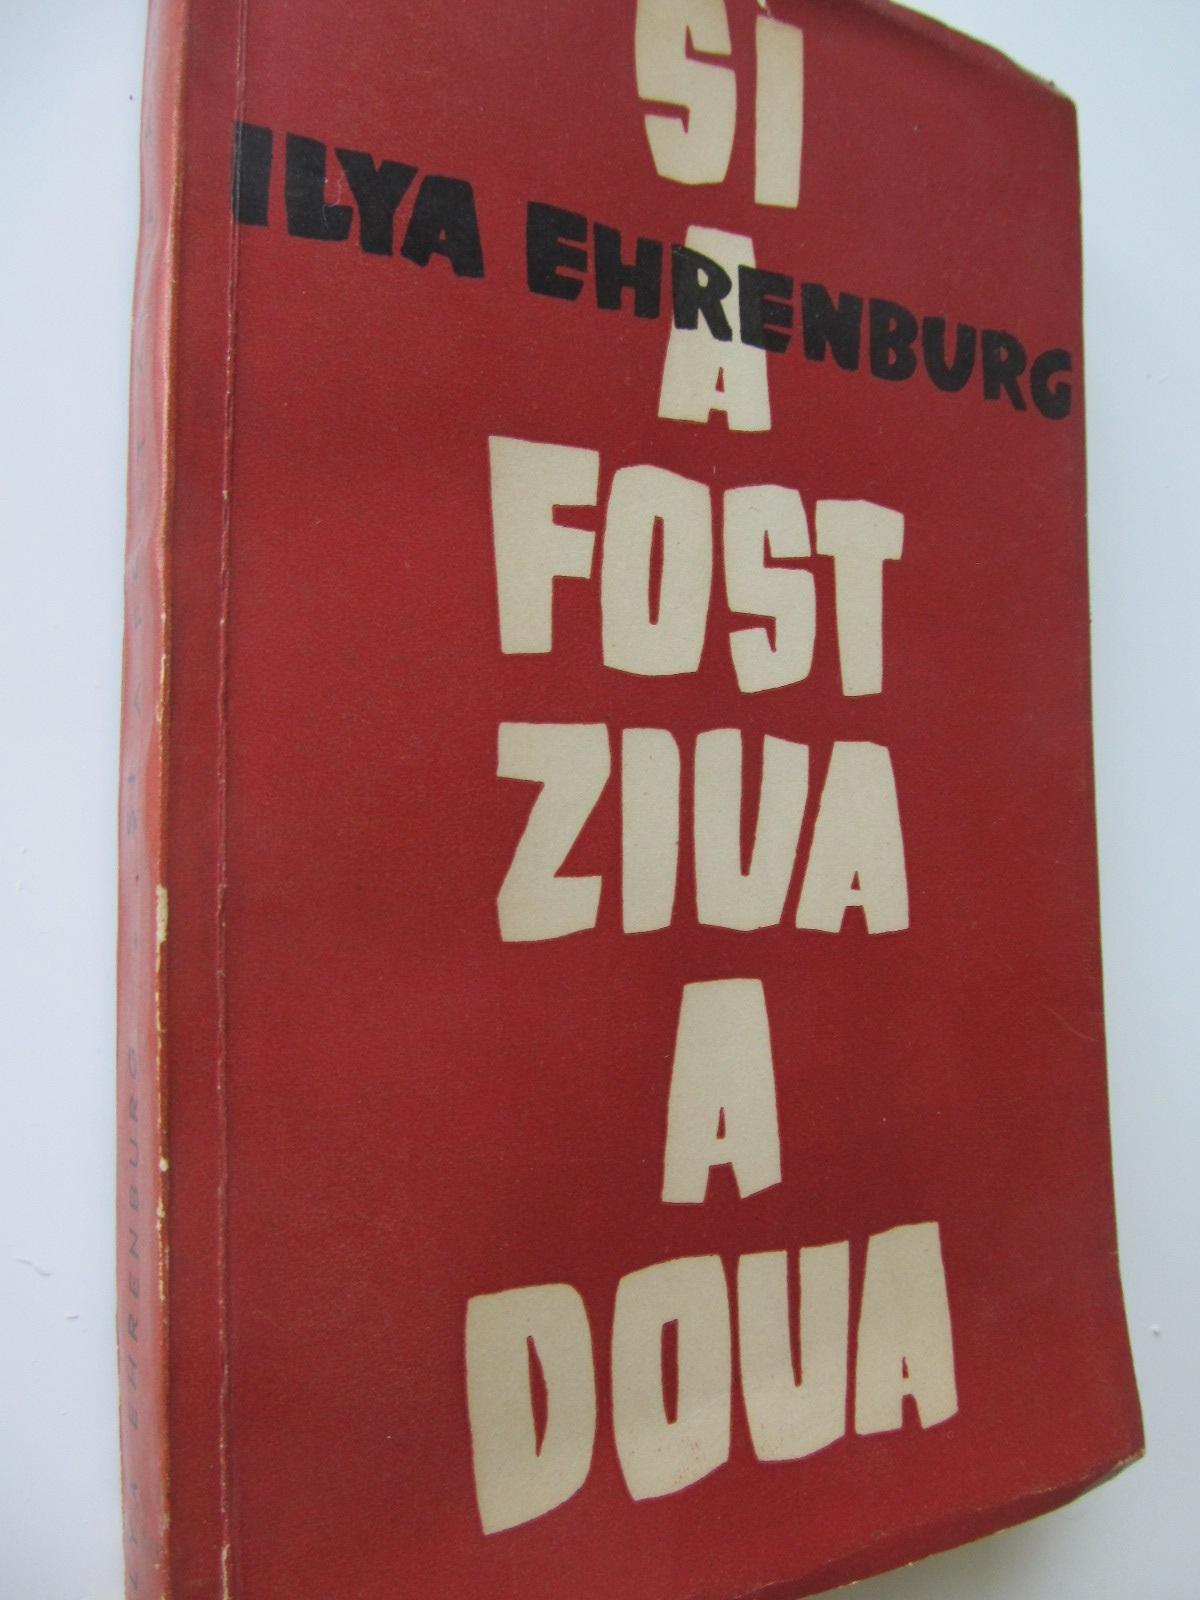 Si a fost ziua a doua - Ilya Ehrenburg | Detalii carte